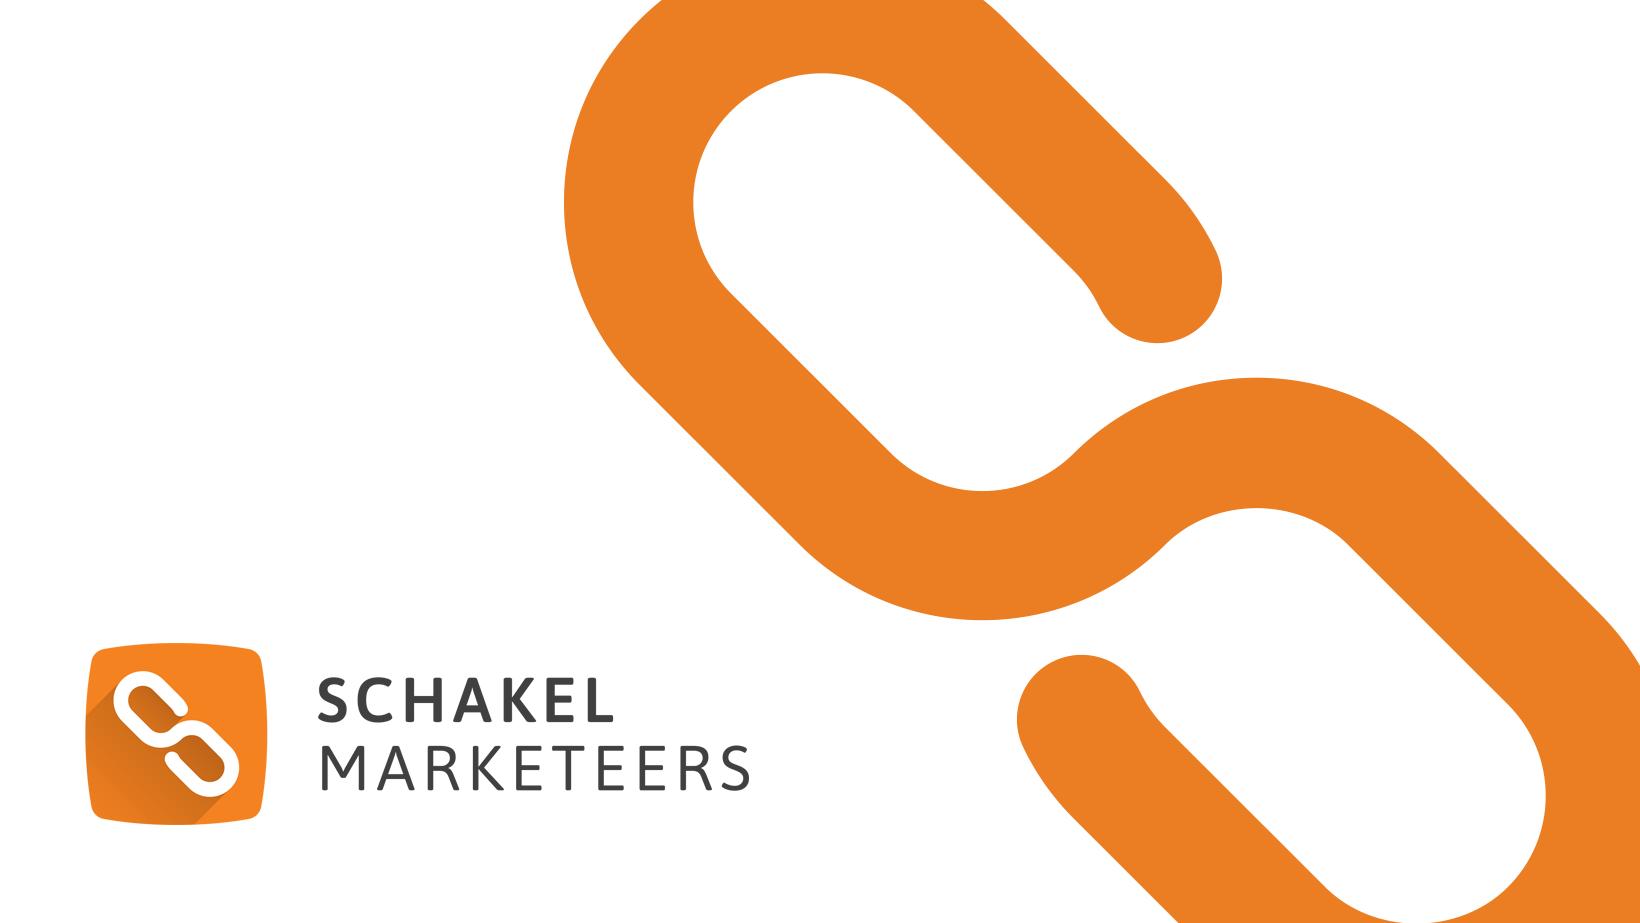 Schakel Marketeers Digital Marketing